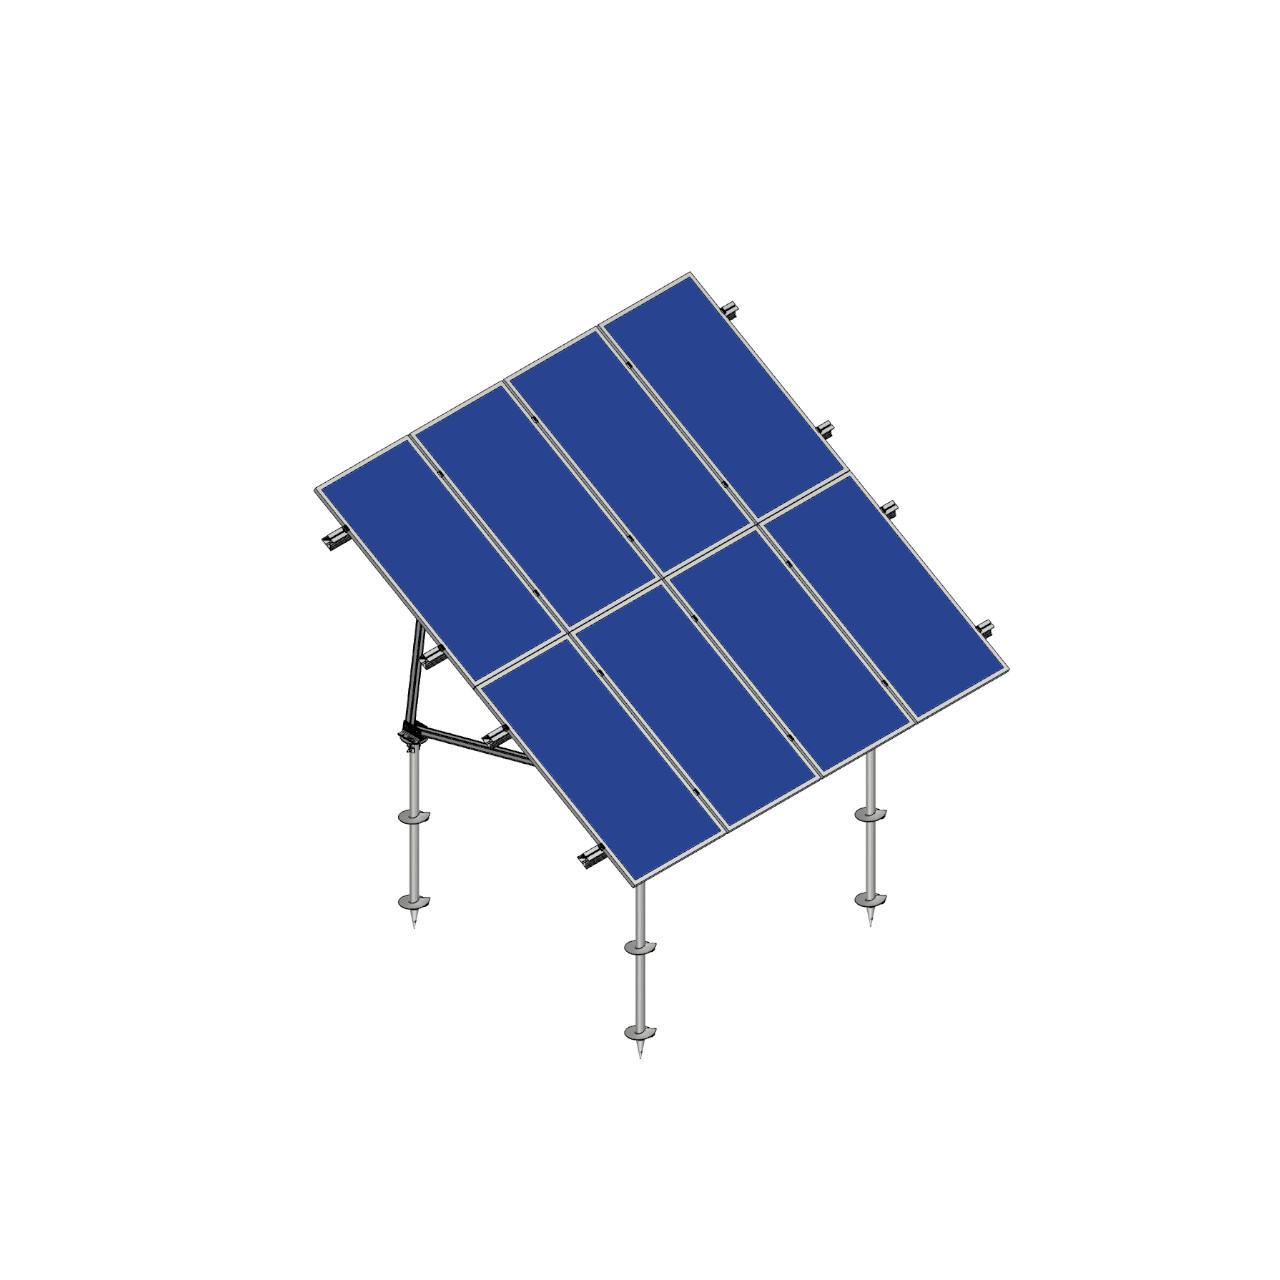 Schletter - PVMax 2Vx6-30deg-Screw-Solid-Panels